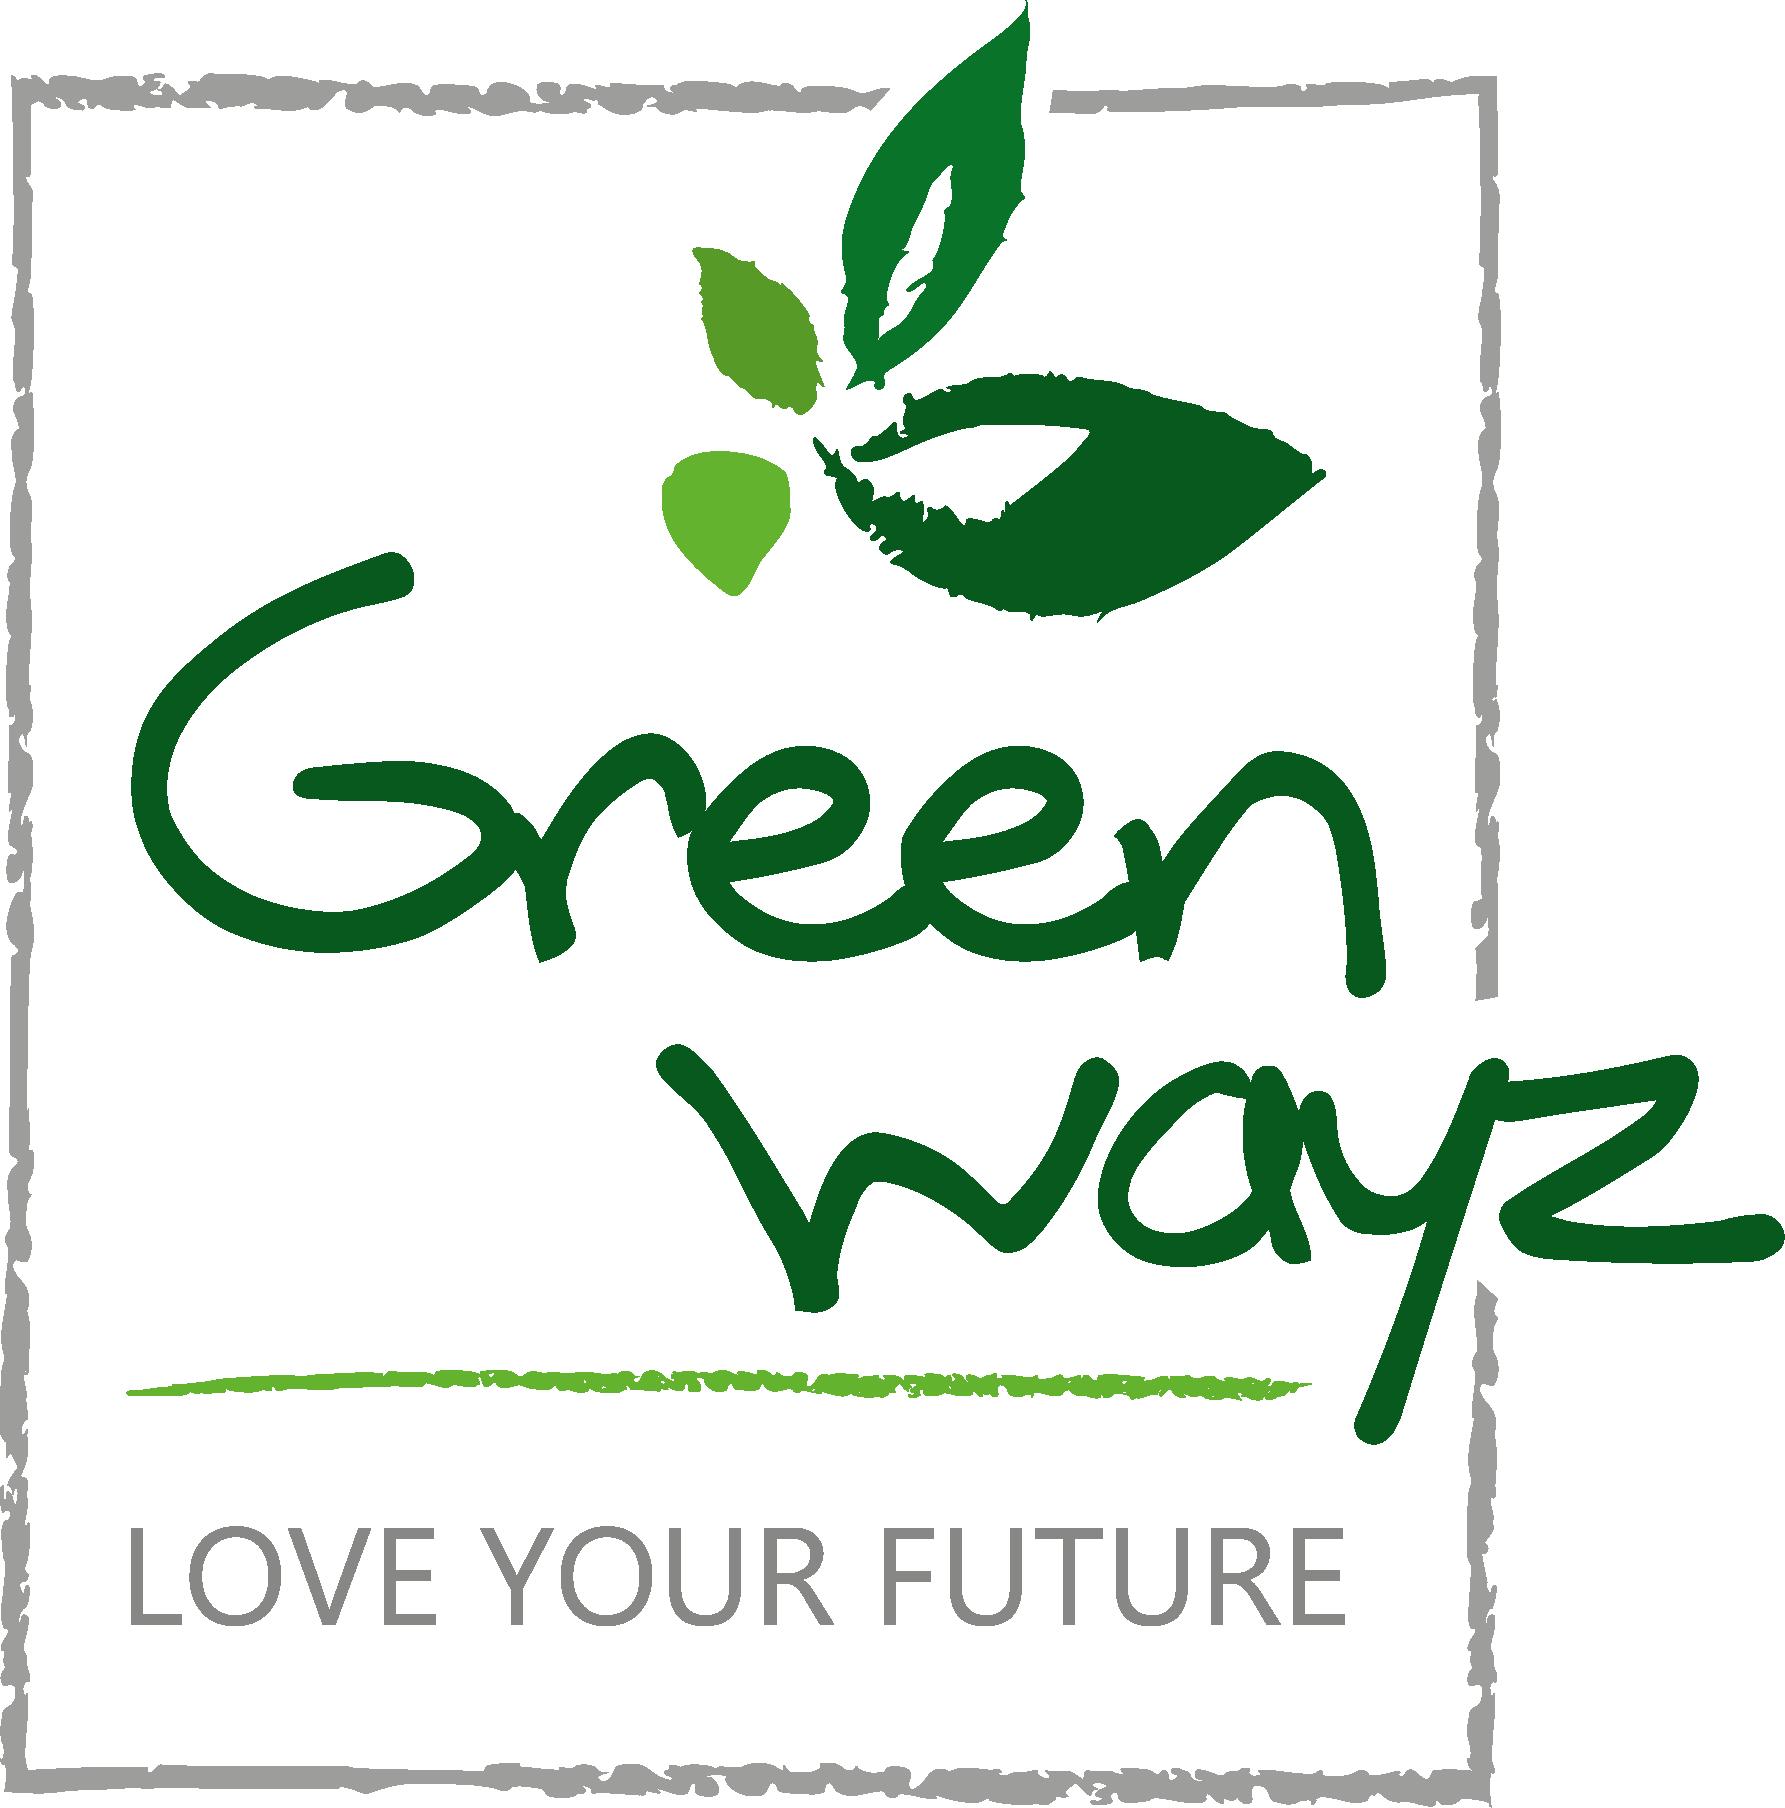 Greenwayz